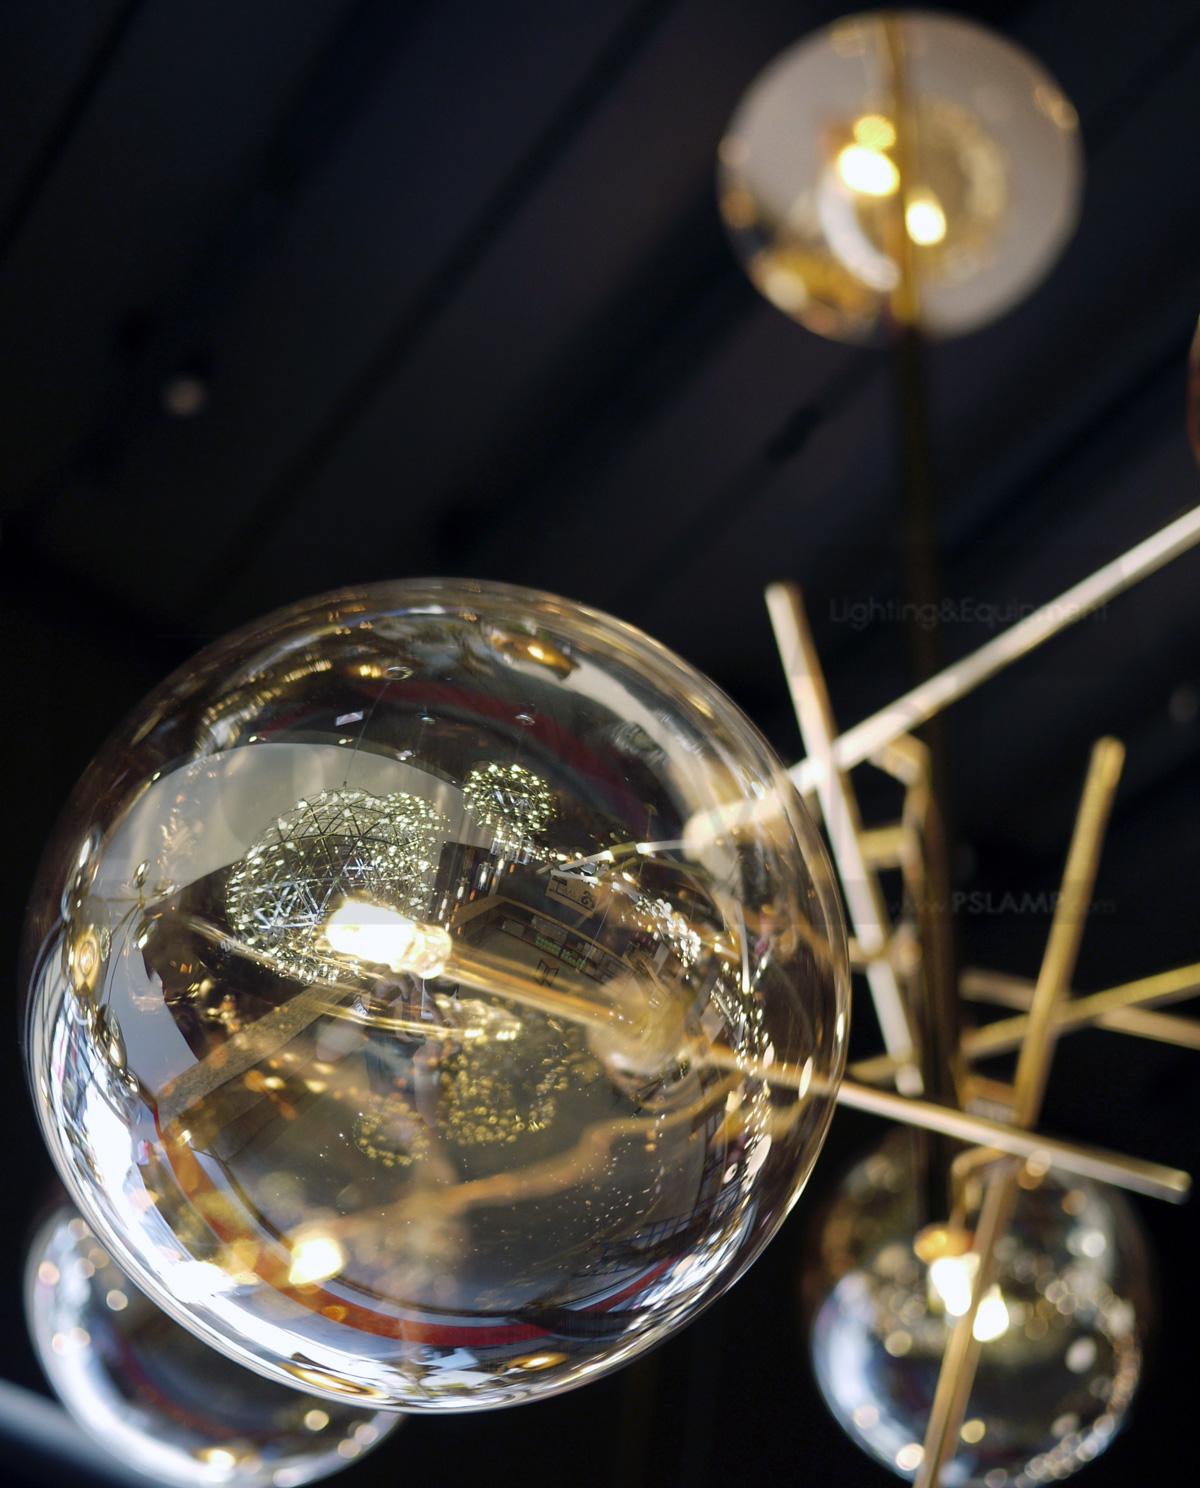 โคมไฟวินเทจ-โคมไฟโมเดิร์น-ขายโคมไฟ-ร้านโคมไฟ-โคมไฟราคาถูก-GOPIA